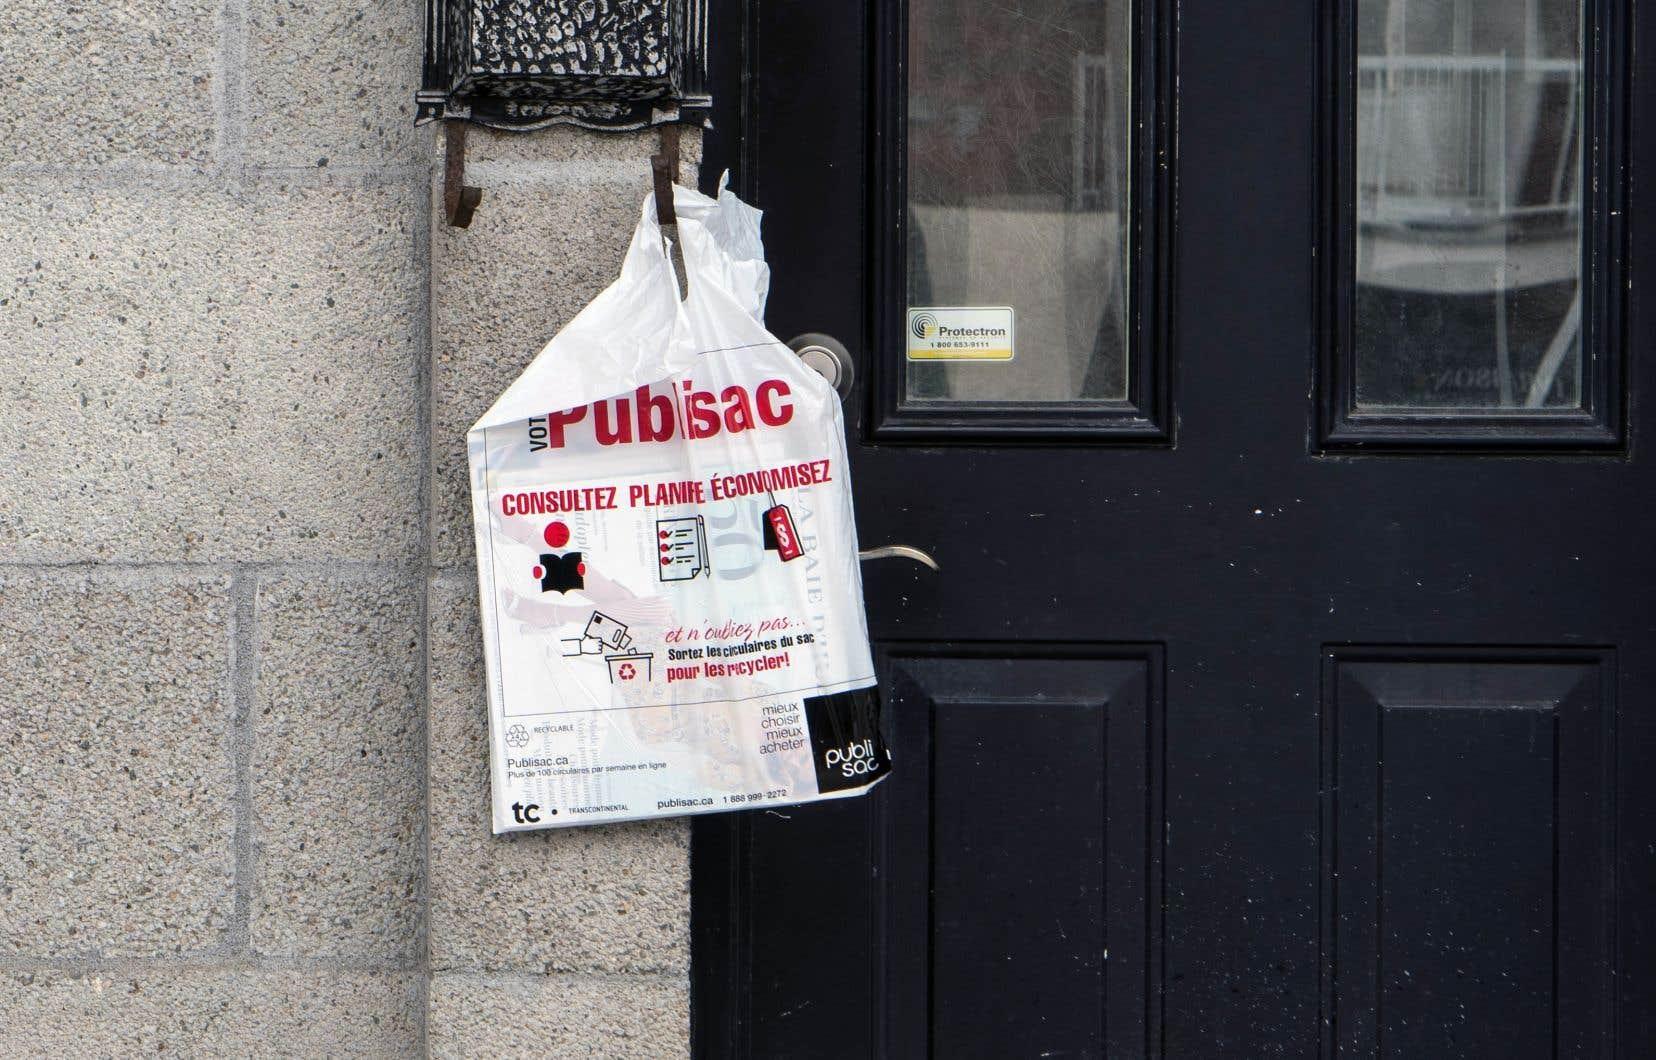 FrançoisOlivier a dit être d'avis que Transcontinental et Montréal peuvent s'asseoir et trouver différentes façons pour améliorer la distribution du Publisac.